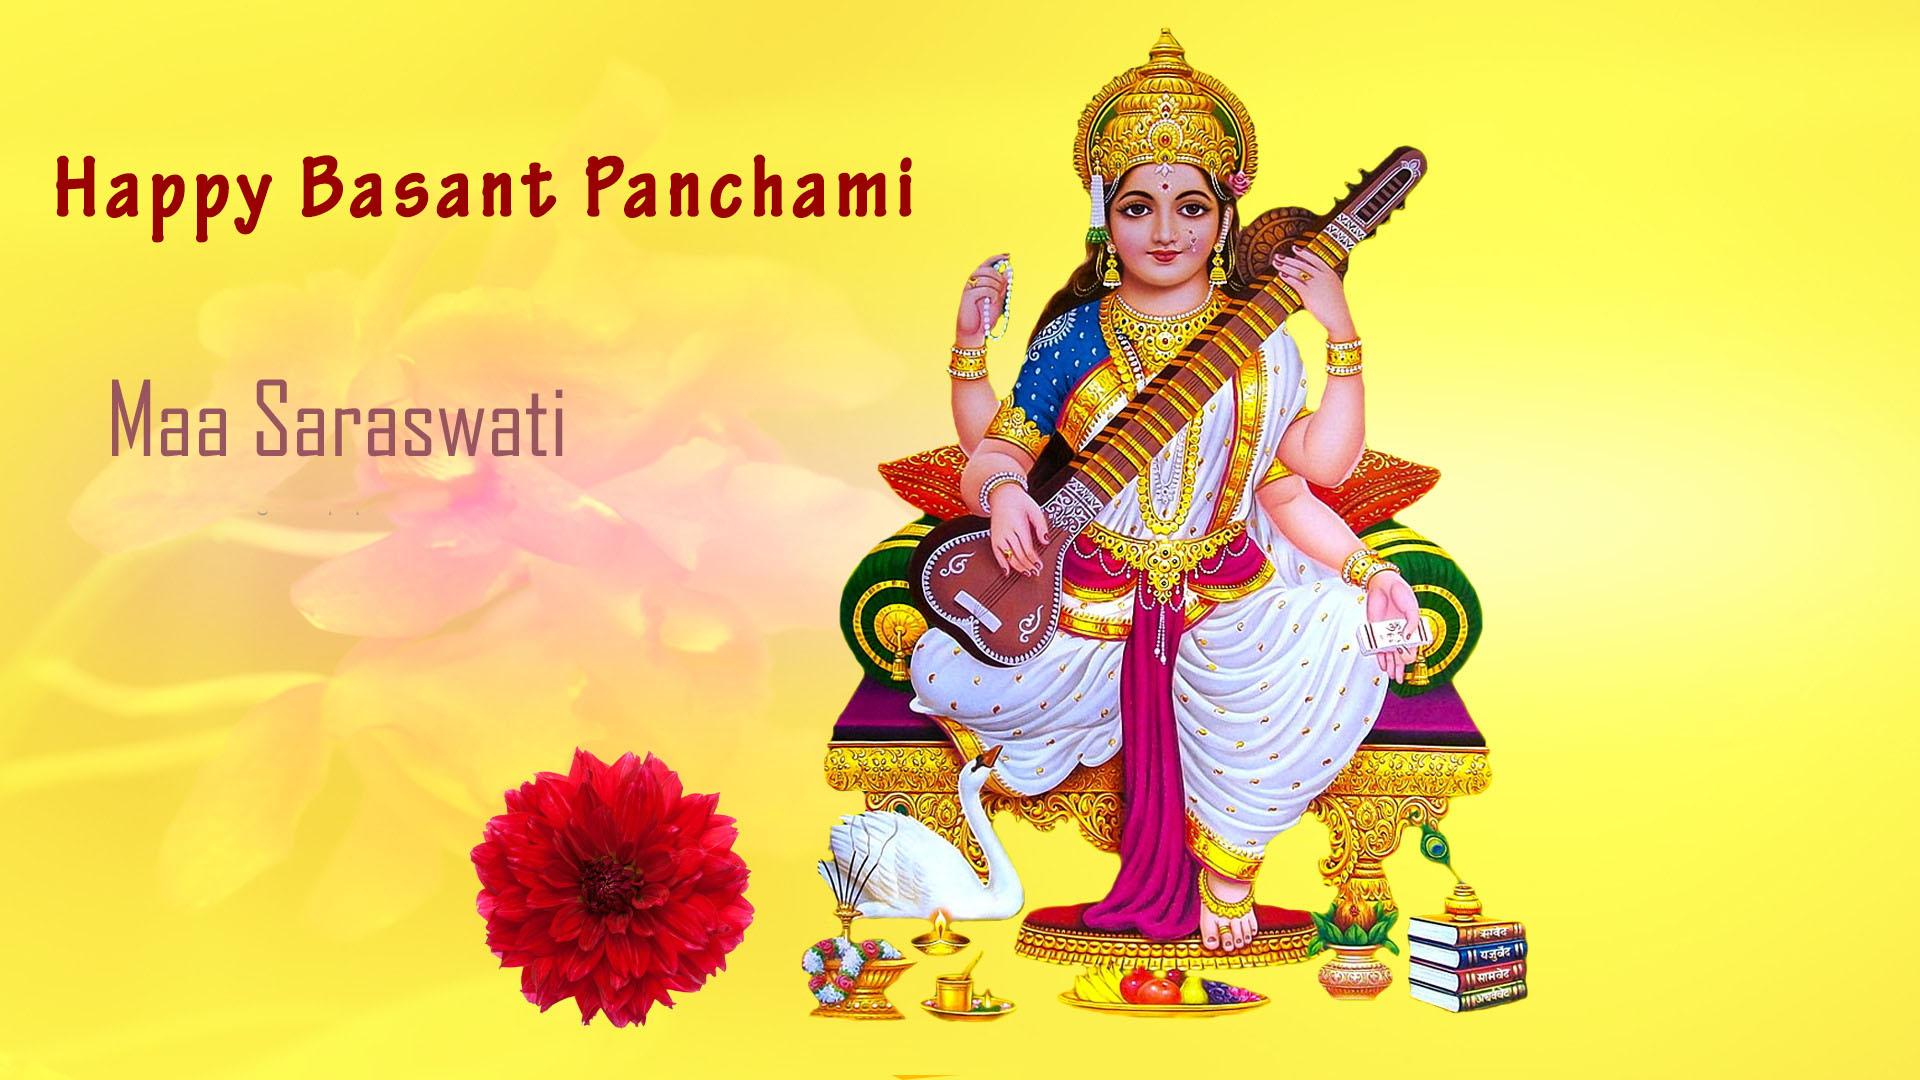 Basant Panchami Images With Maa Saraswati